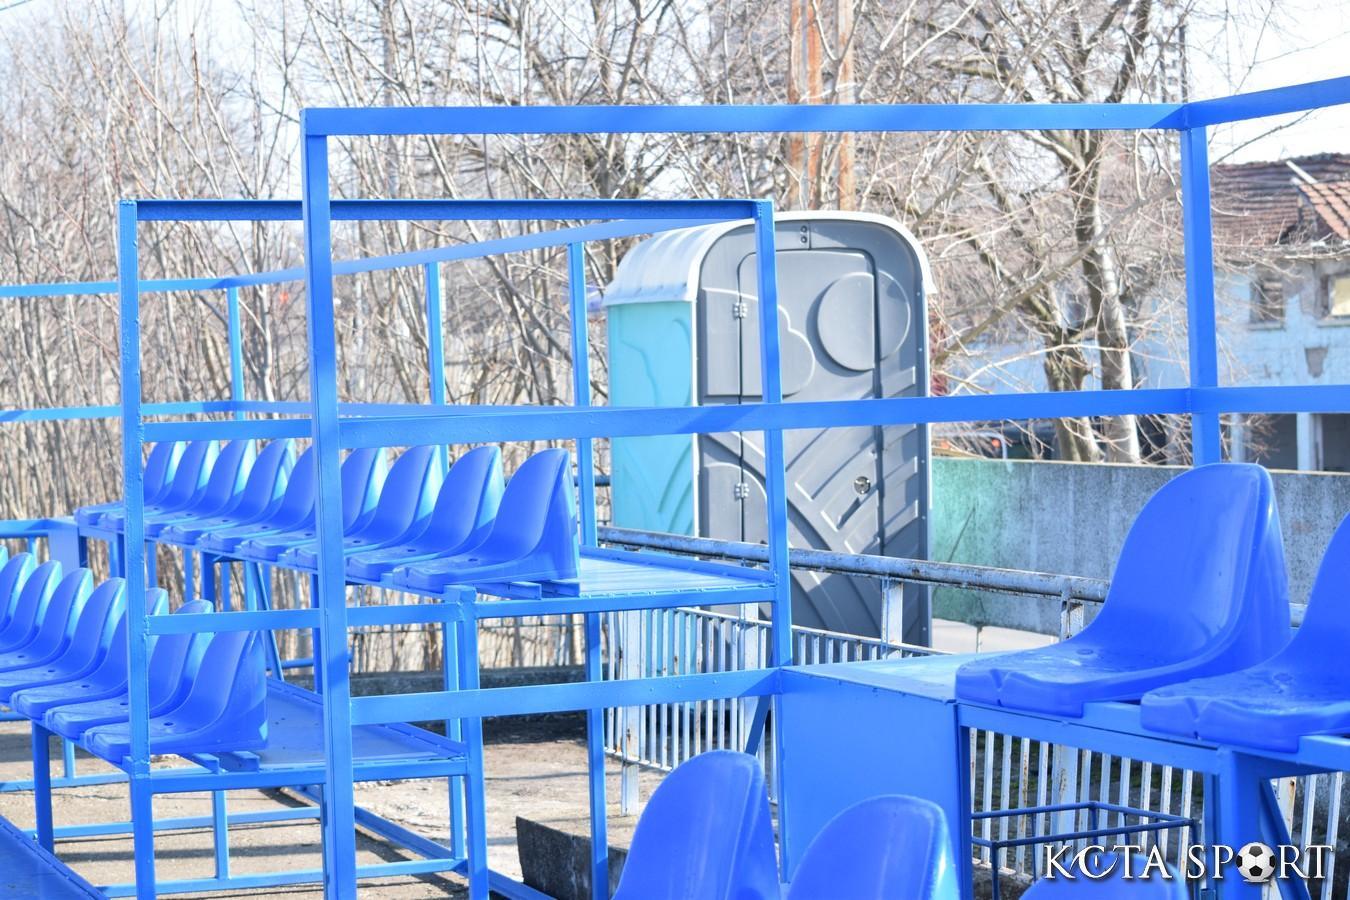 stadion chernomoretz 3